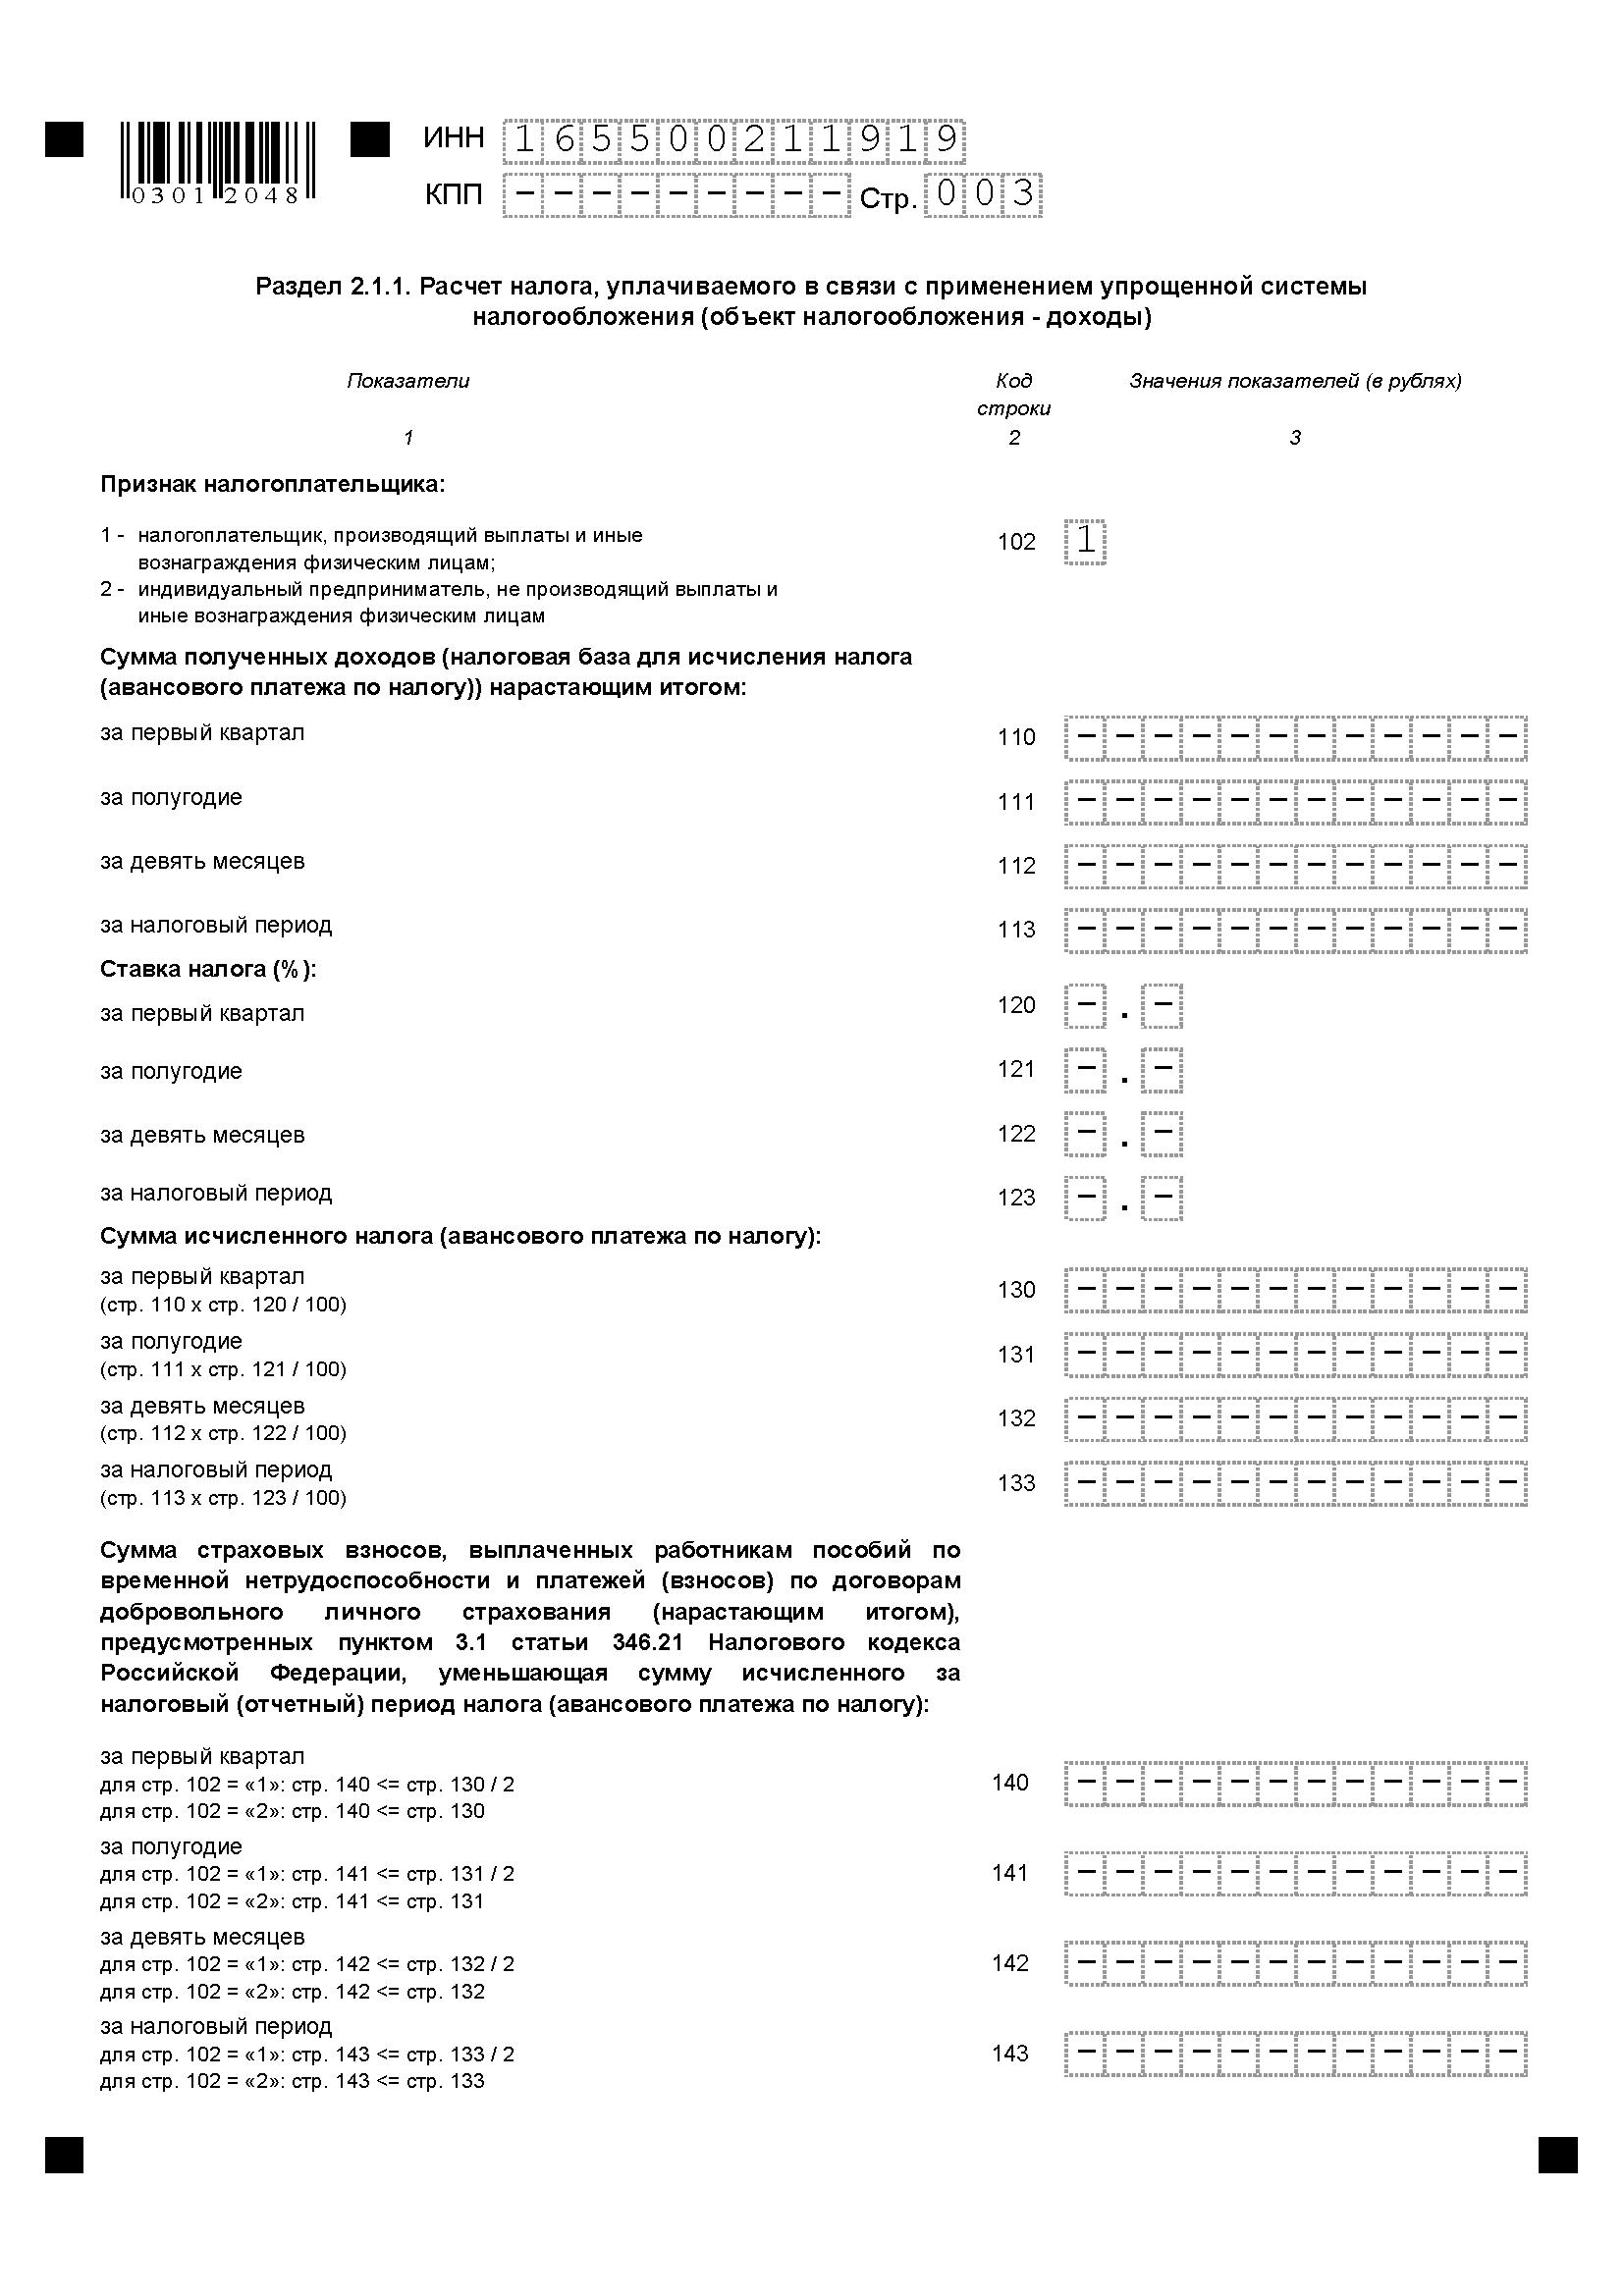 бланк форма 26/у для детского сада консультант